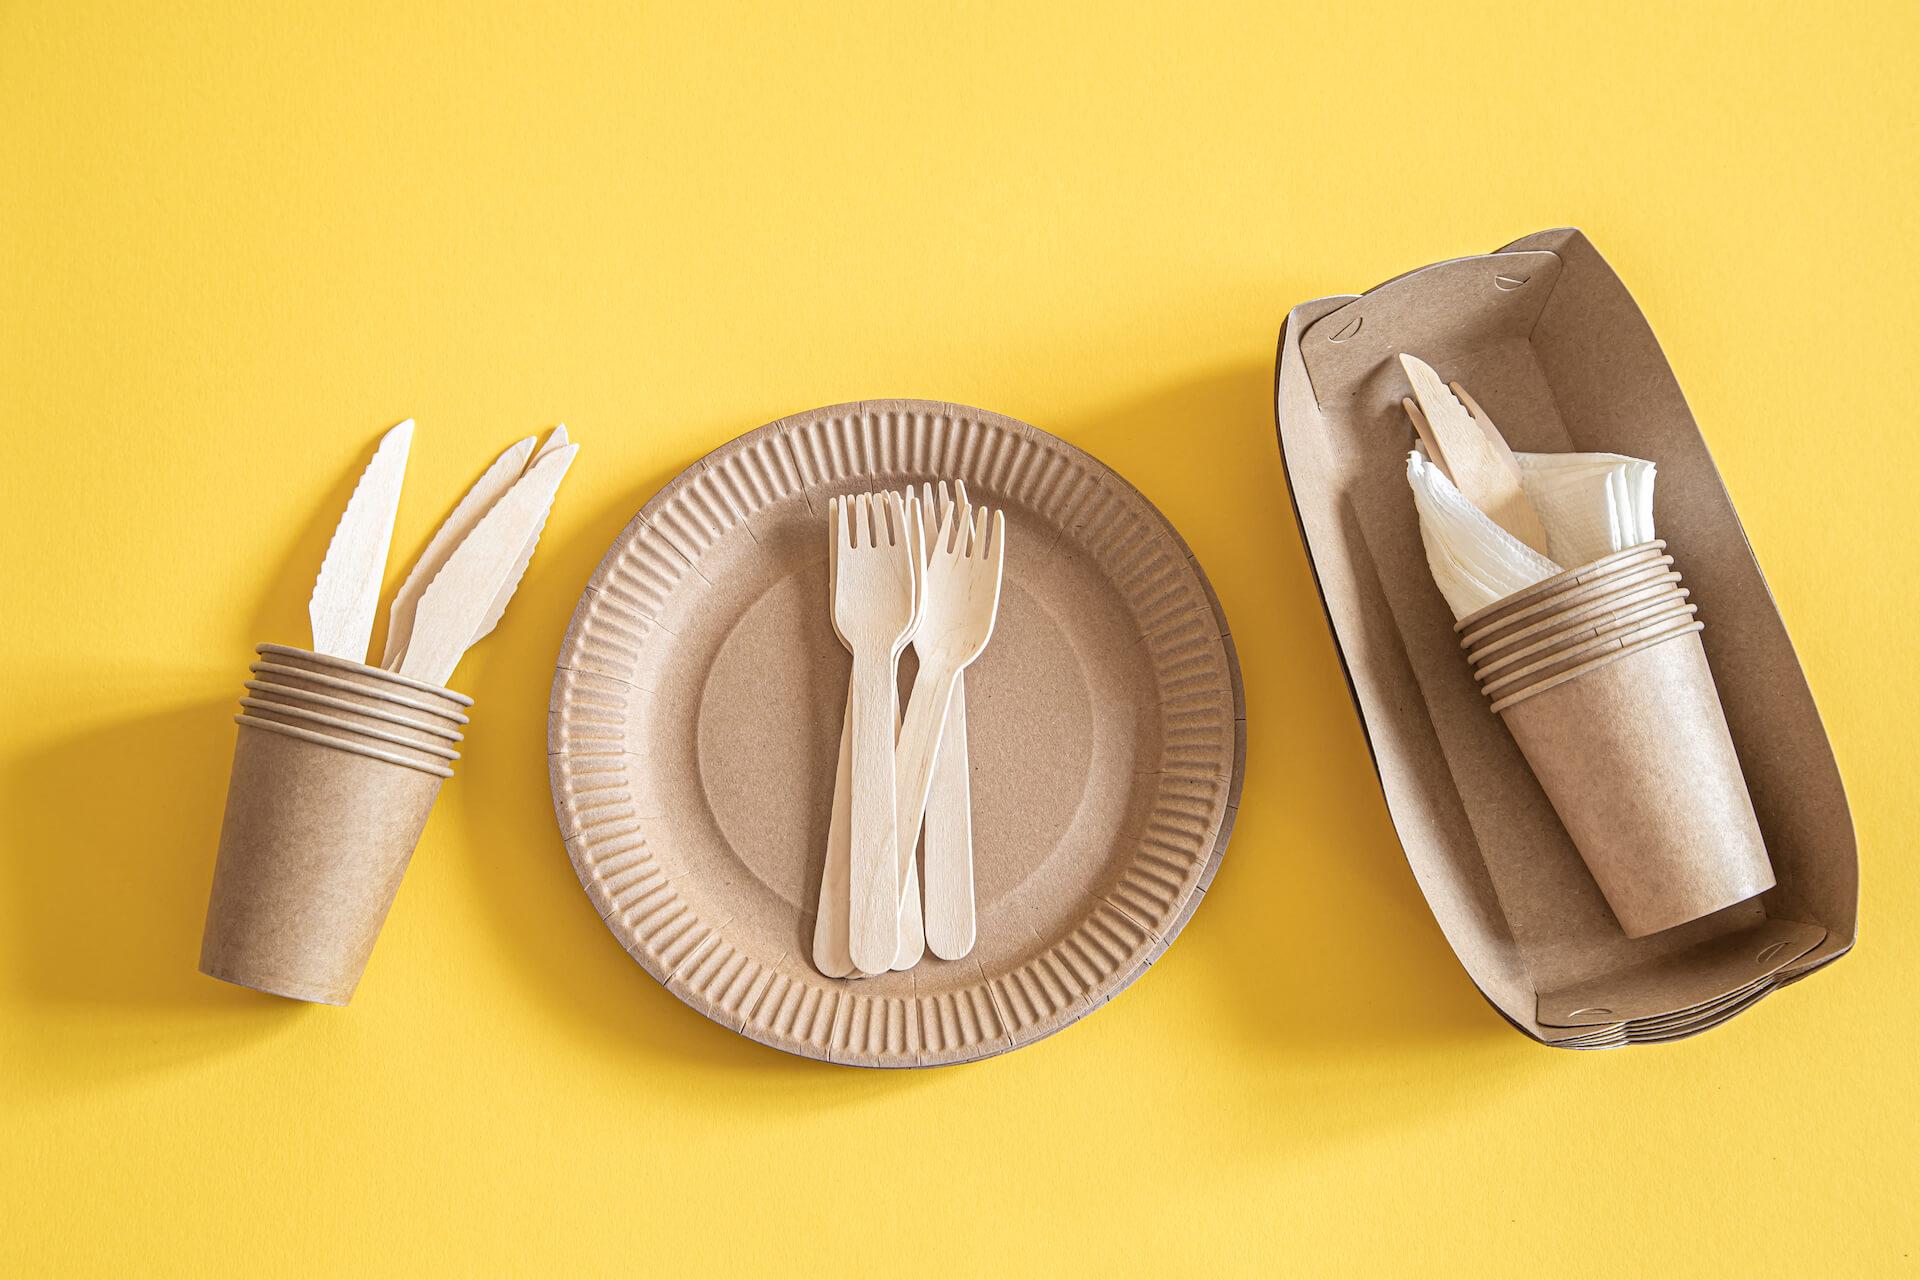 Verpakkingswebshop-barneveld-verpakkingen-duurzaam-verpakken